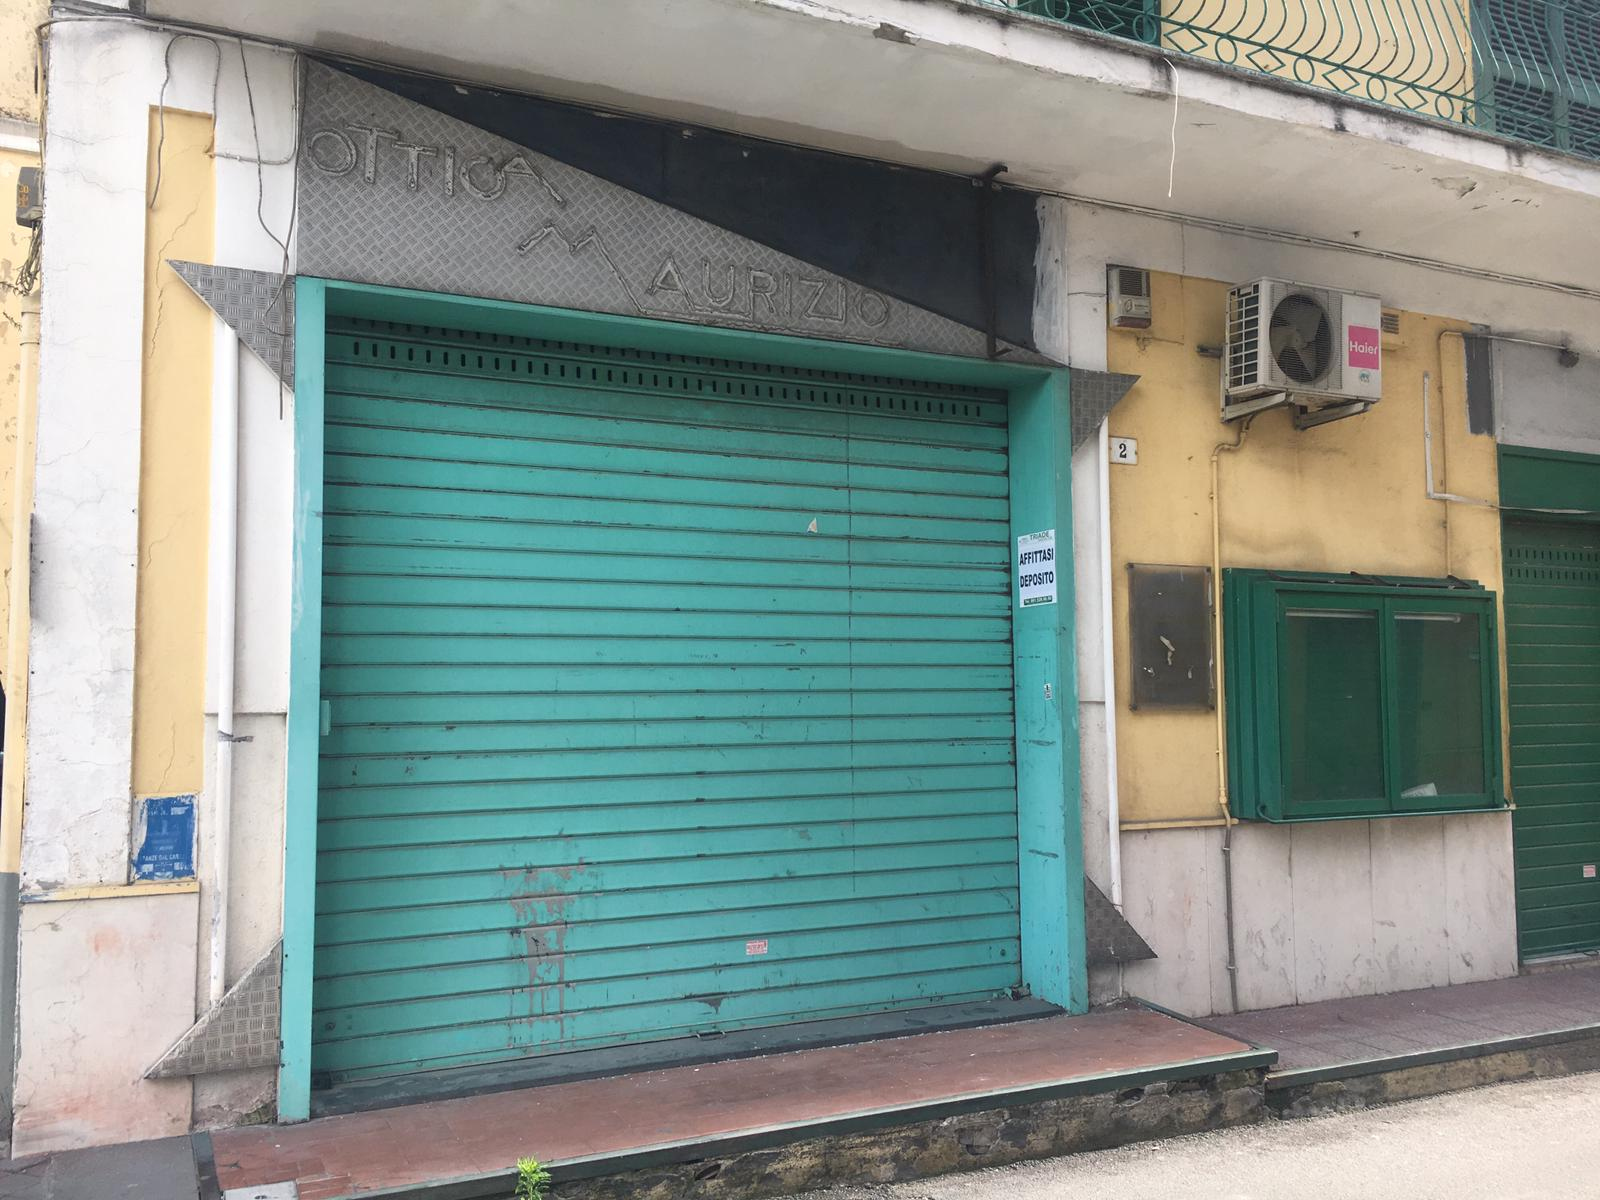 Negozio / Locale in affitto a Ottaviano, 9999 locali, zona Località: SanGennarello, prezzo € 400 | CambioCasa.it